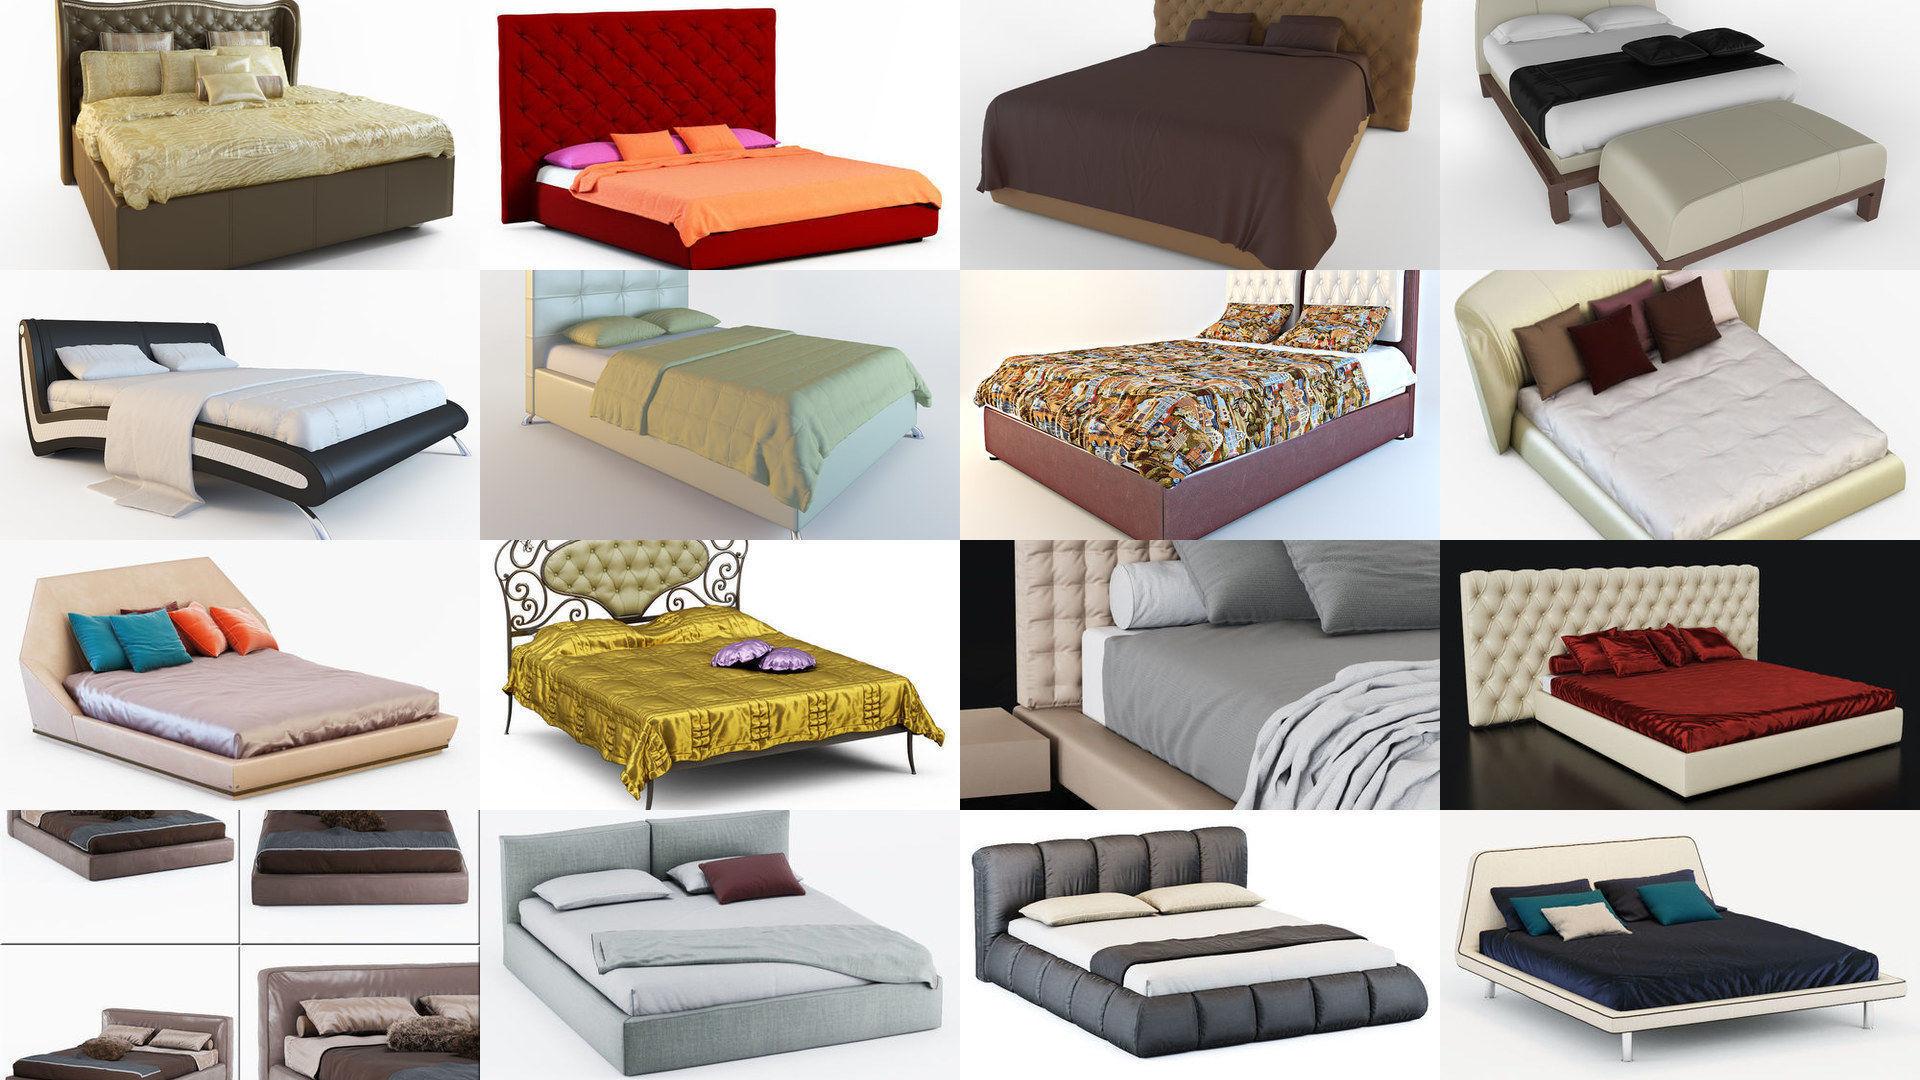 Многообразие форм и видов кроватей